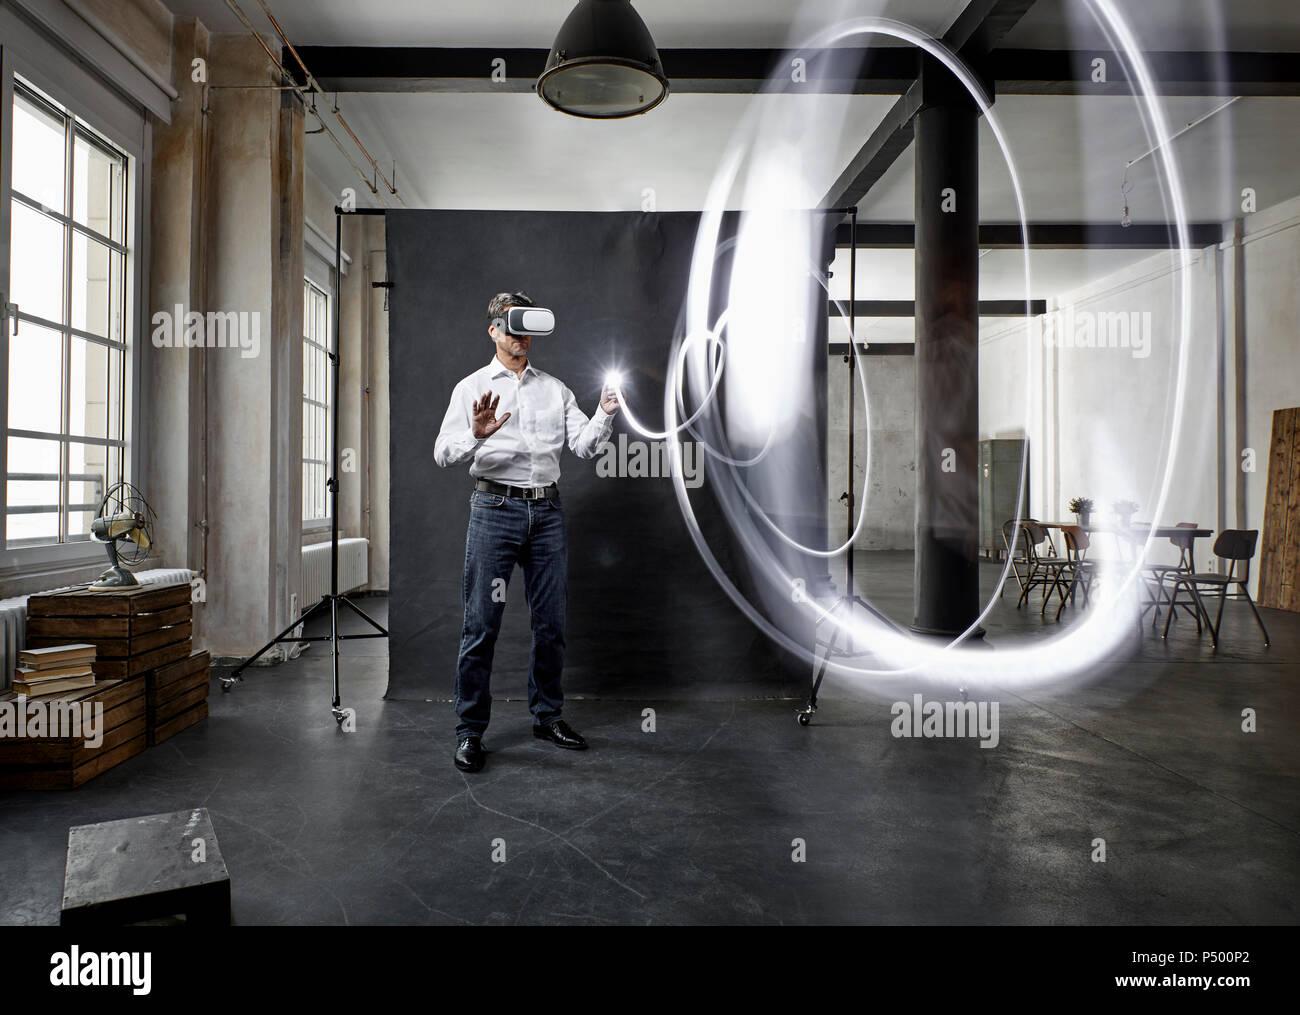 Reifer Mann mit VR-Brille Licht Malerei vor schwarzem Hintergrund auf dem Dachboden Stockbild